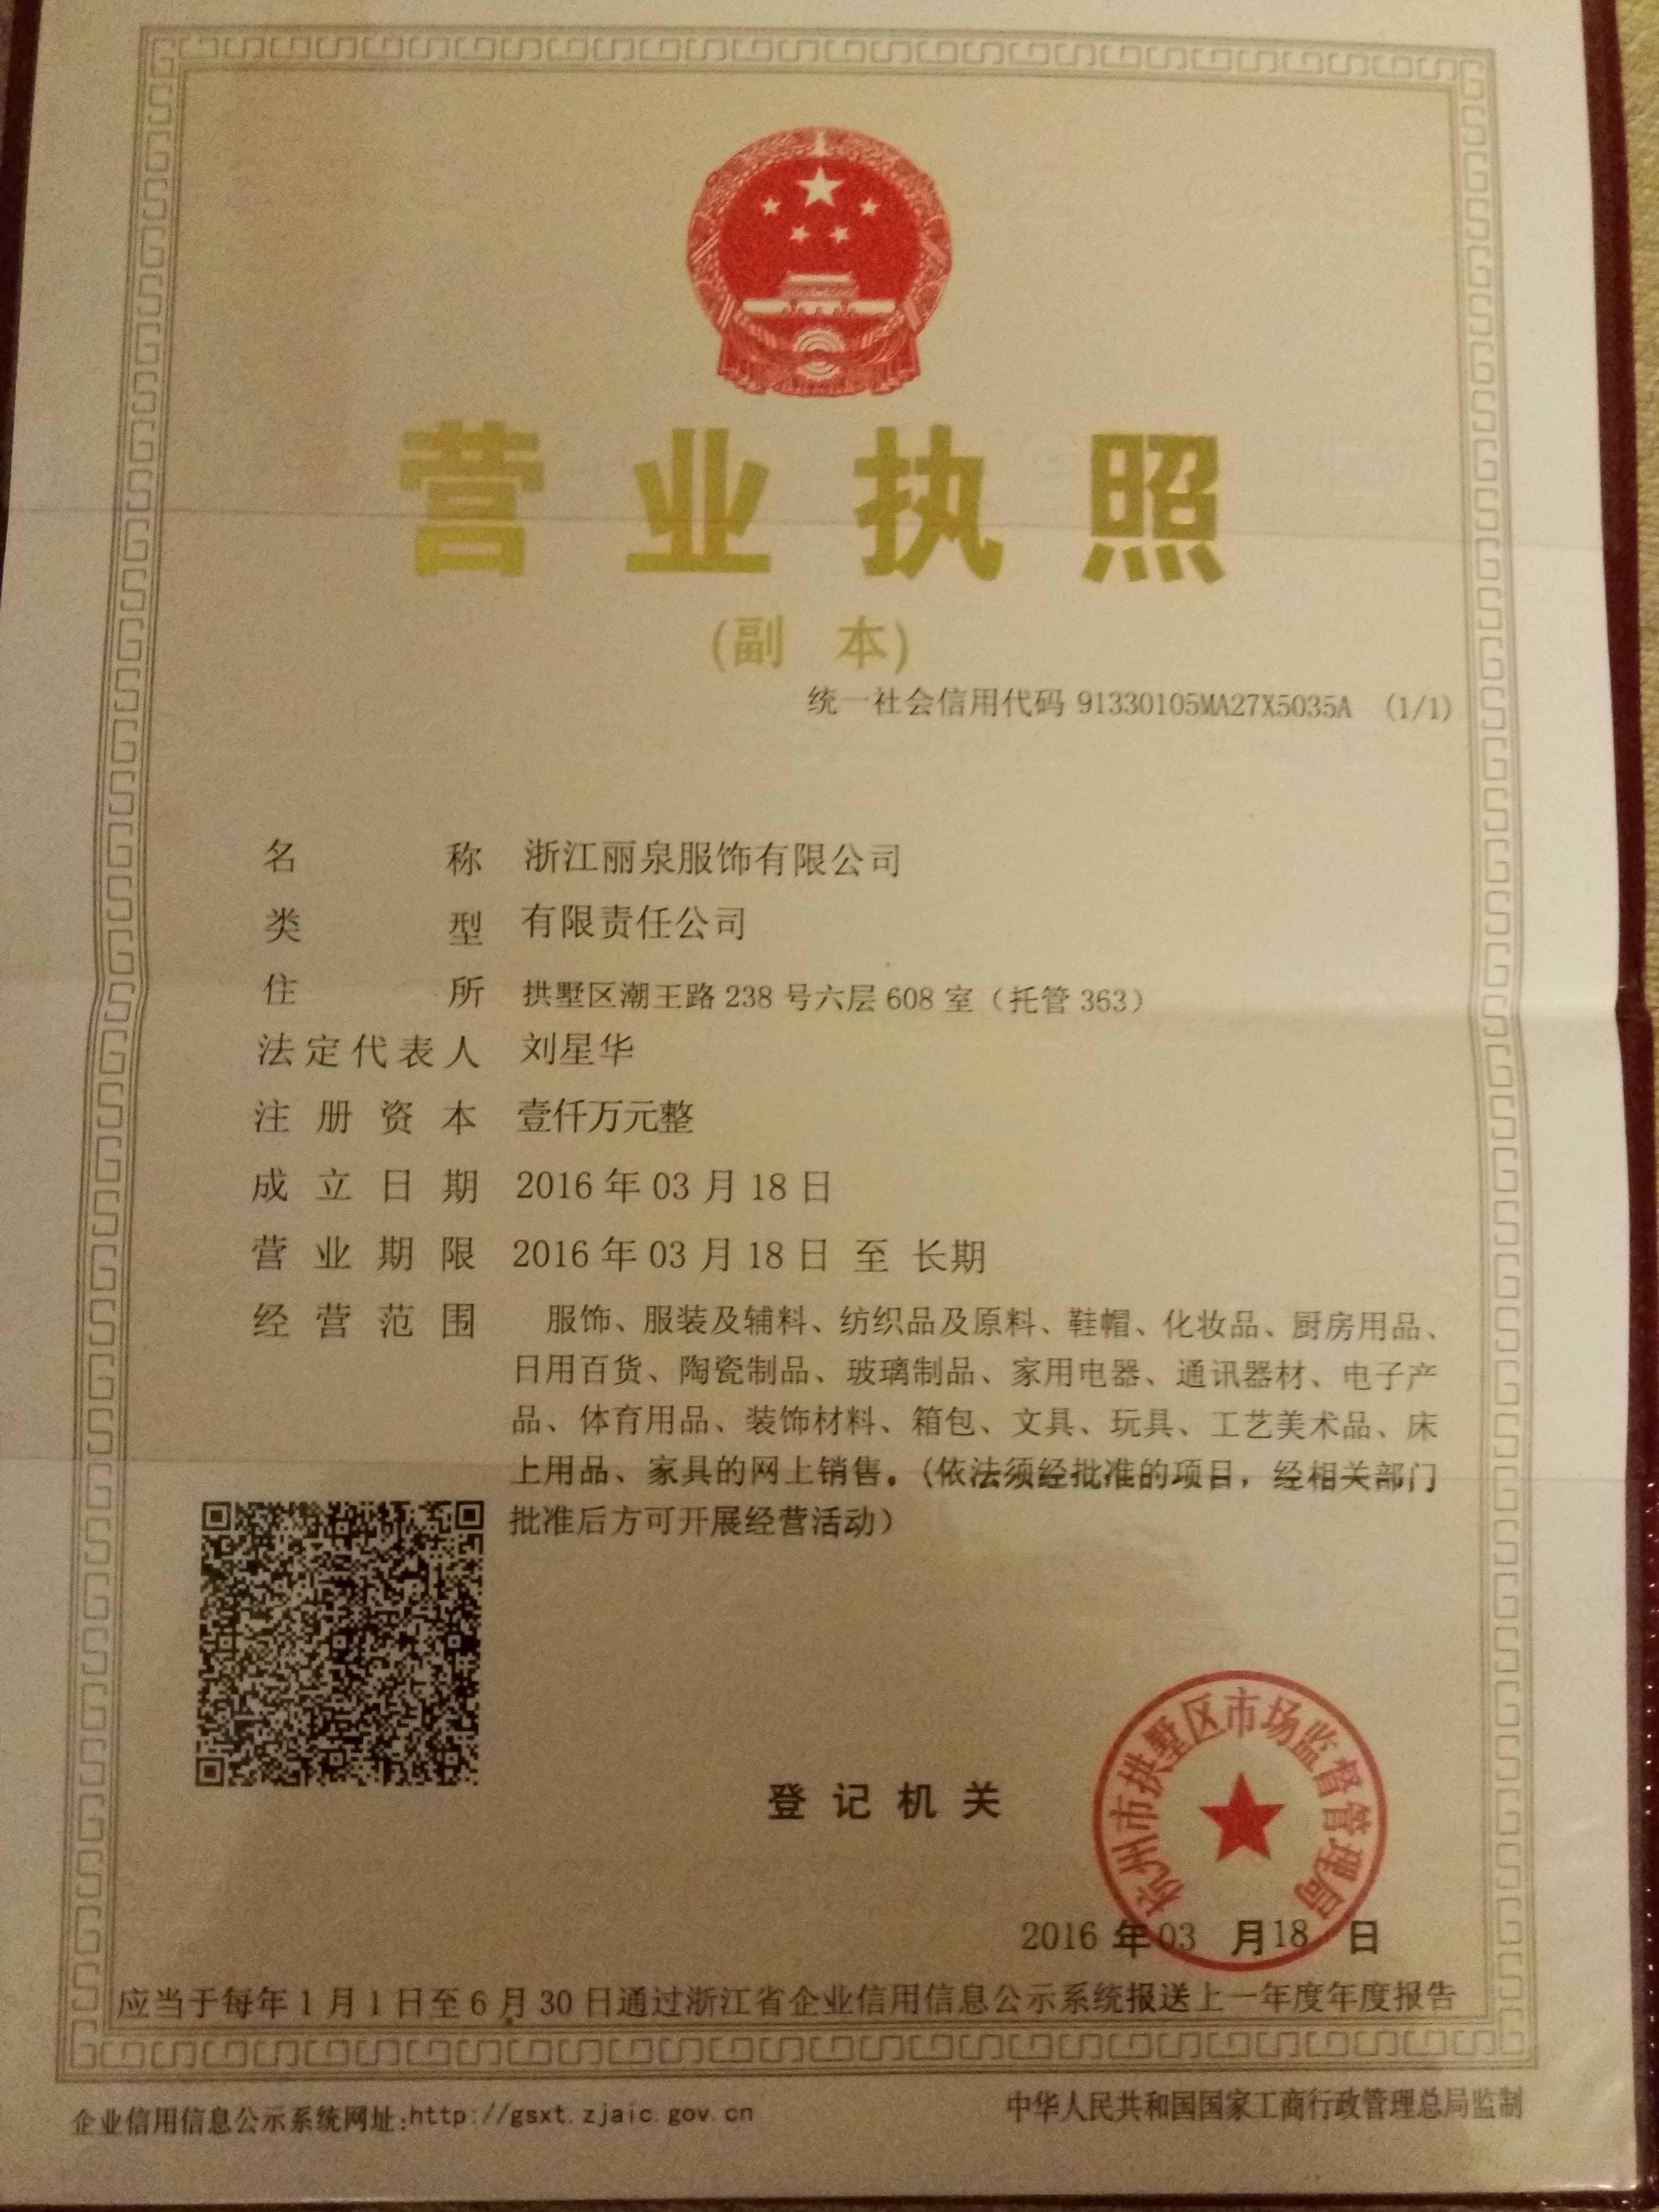 歌宝琪(杭州)时装有限公司企业档案